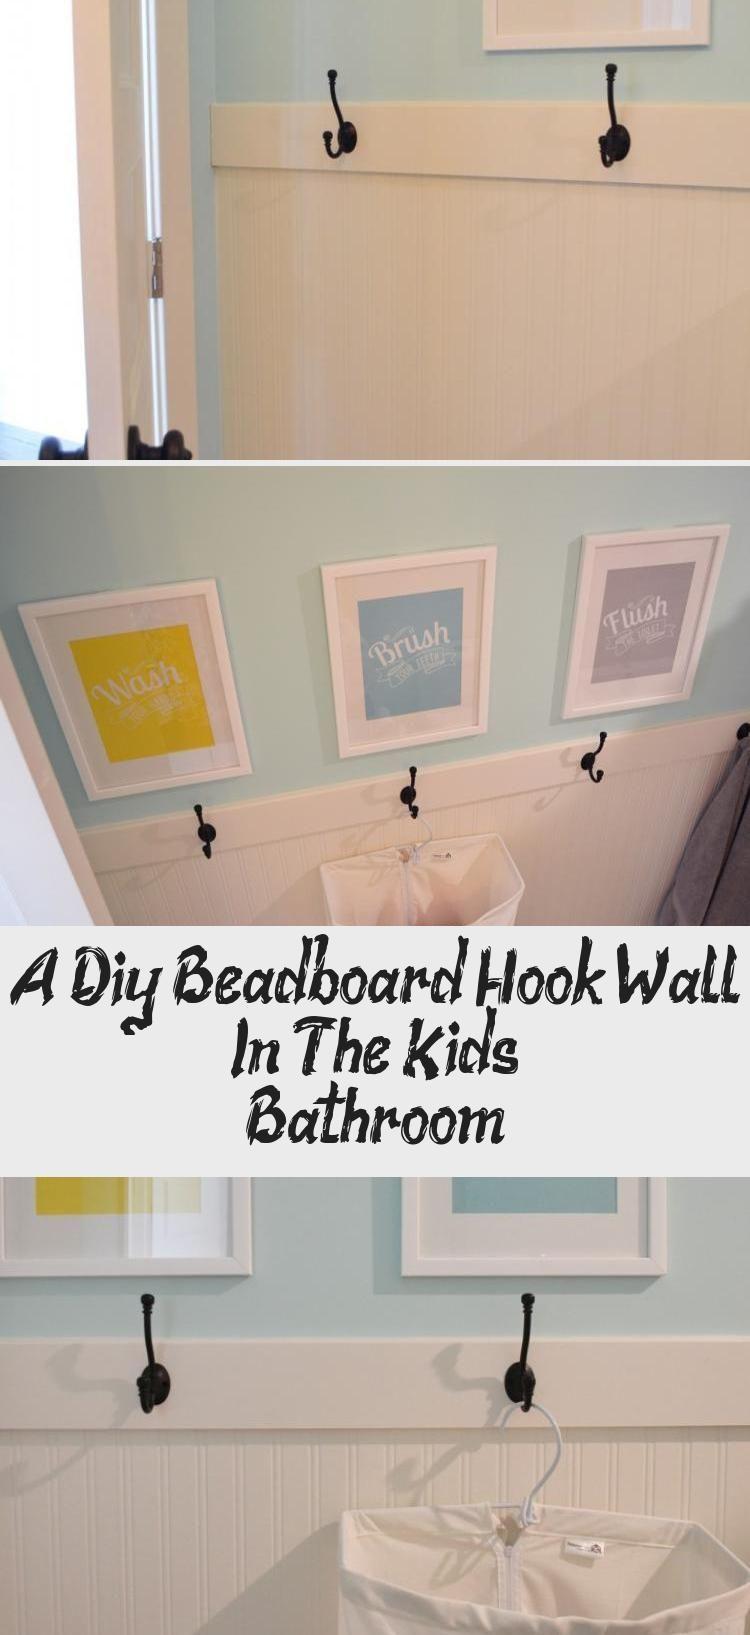 A Diy Beadboard Hook Wall In The Kids' Bathroom, 2020